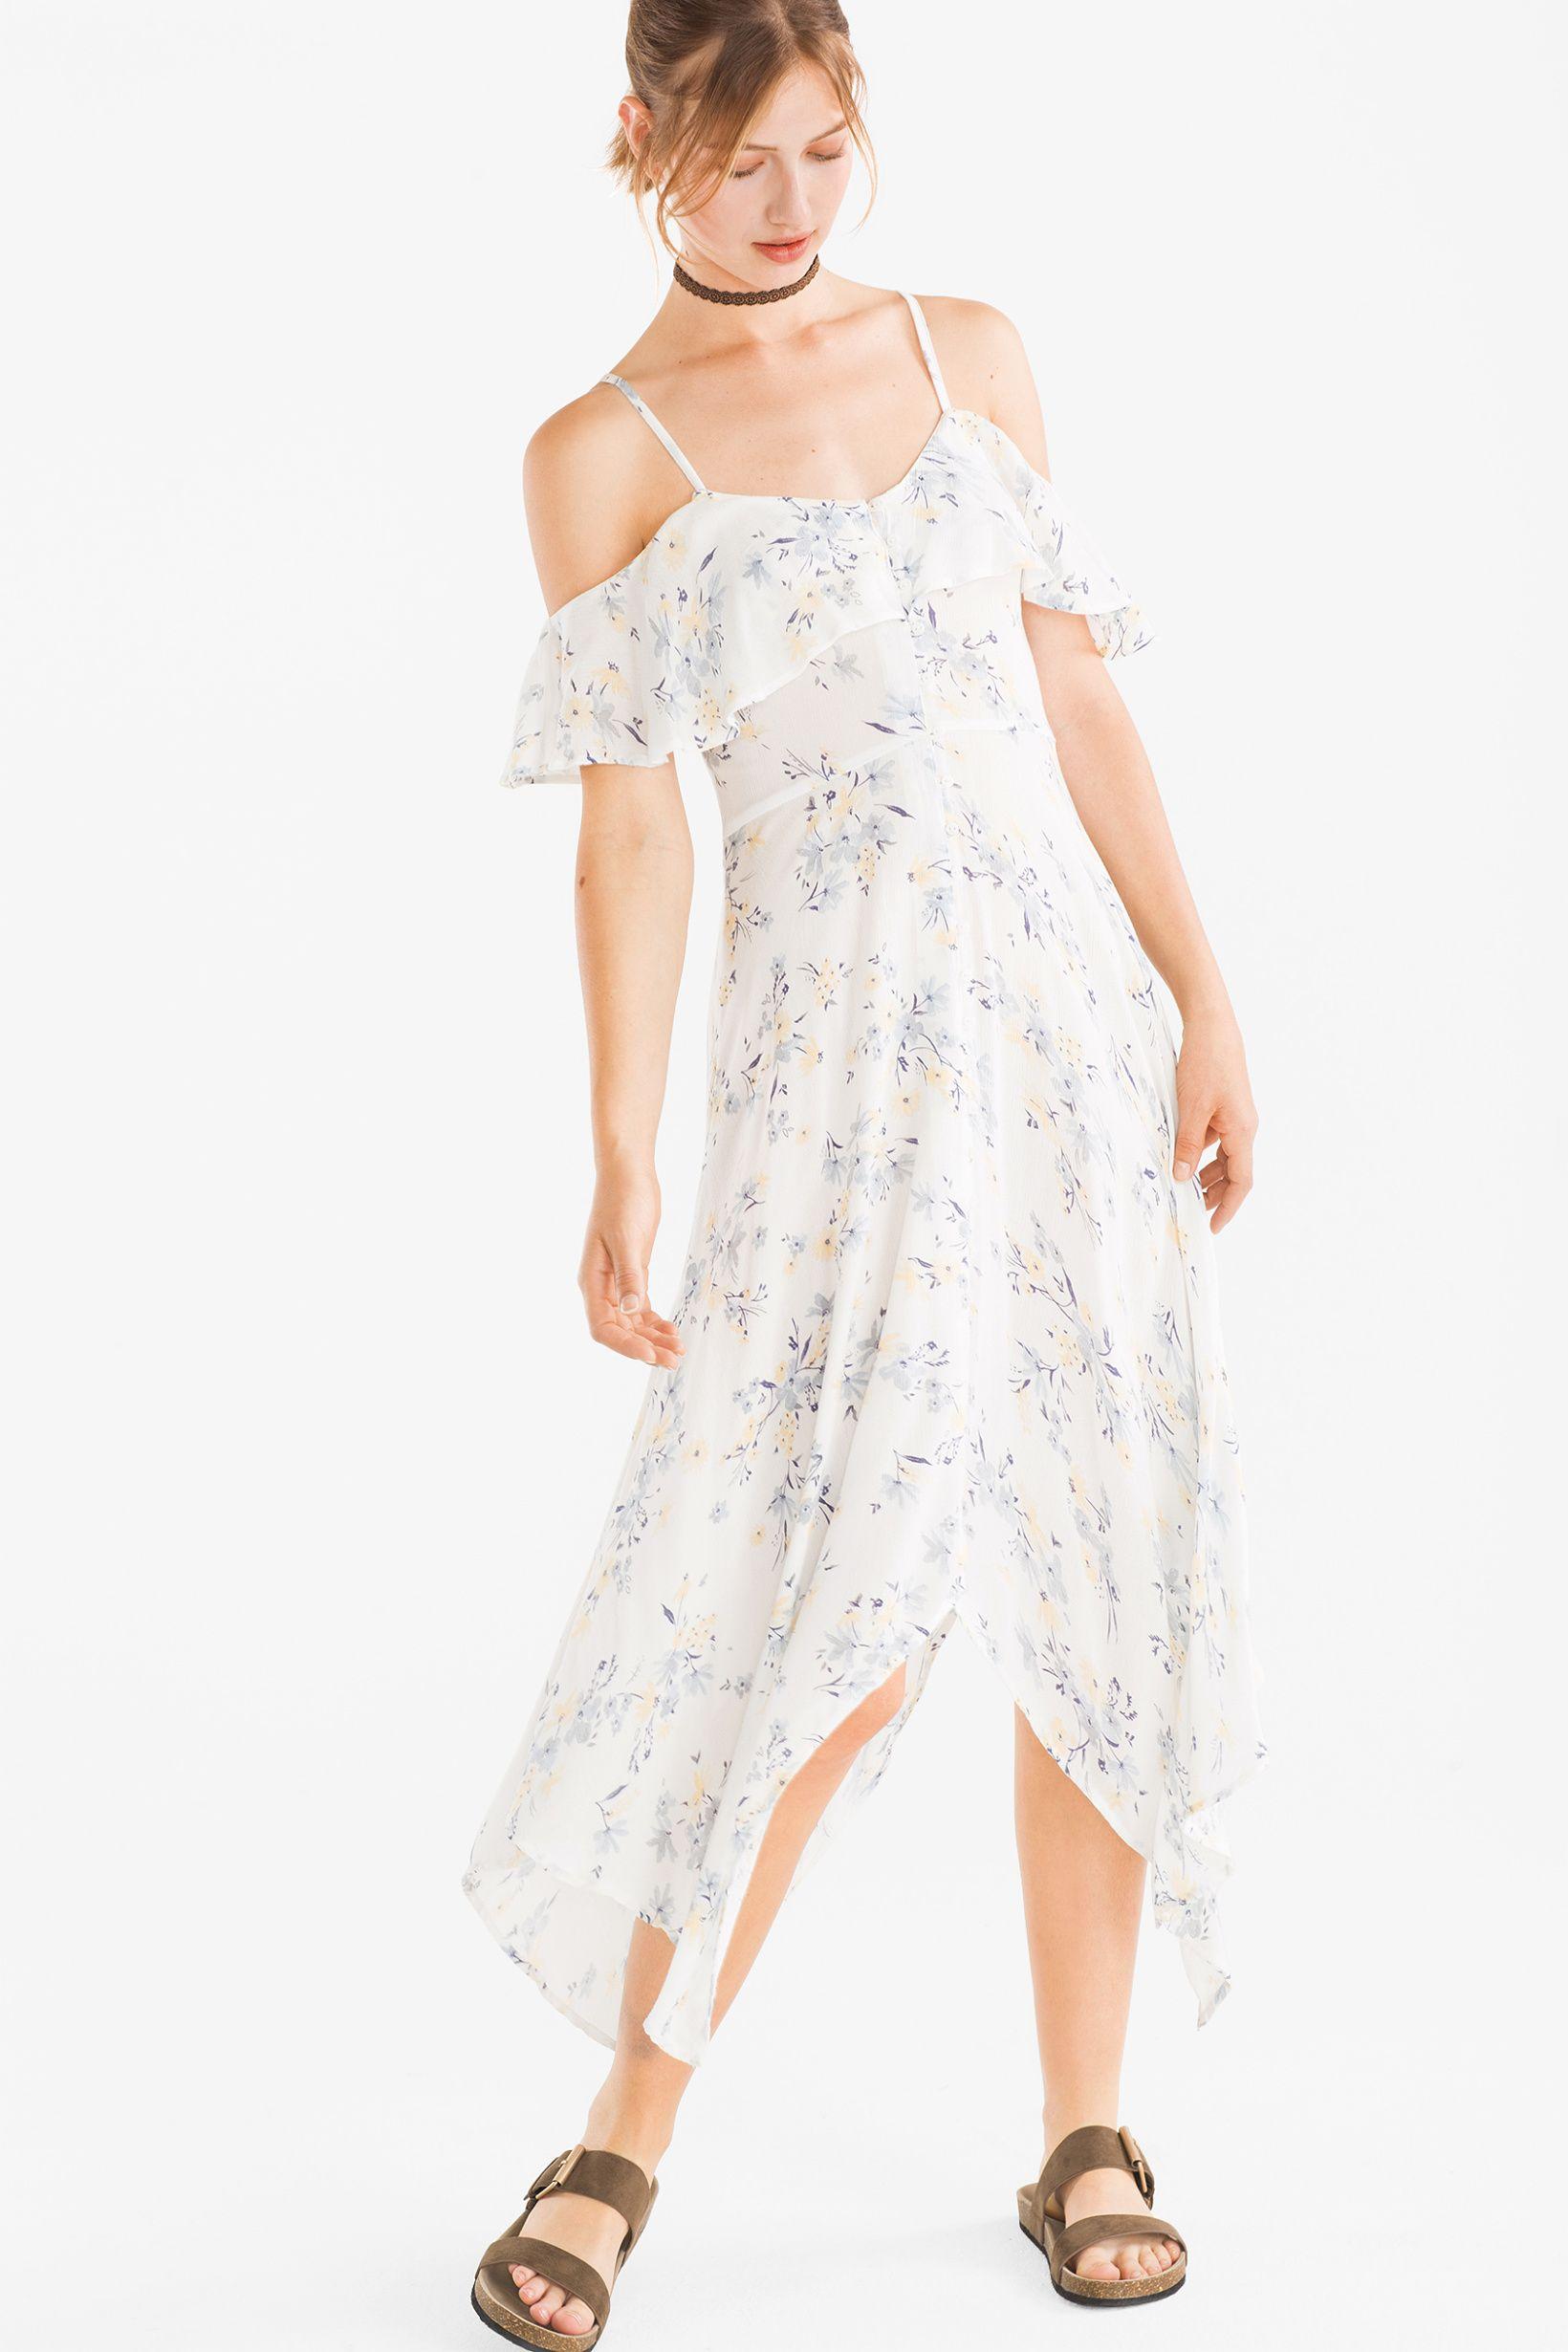 Kleid   Kleider, Schulterfreies kleid, Modestil